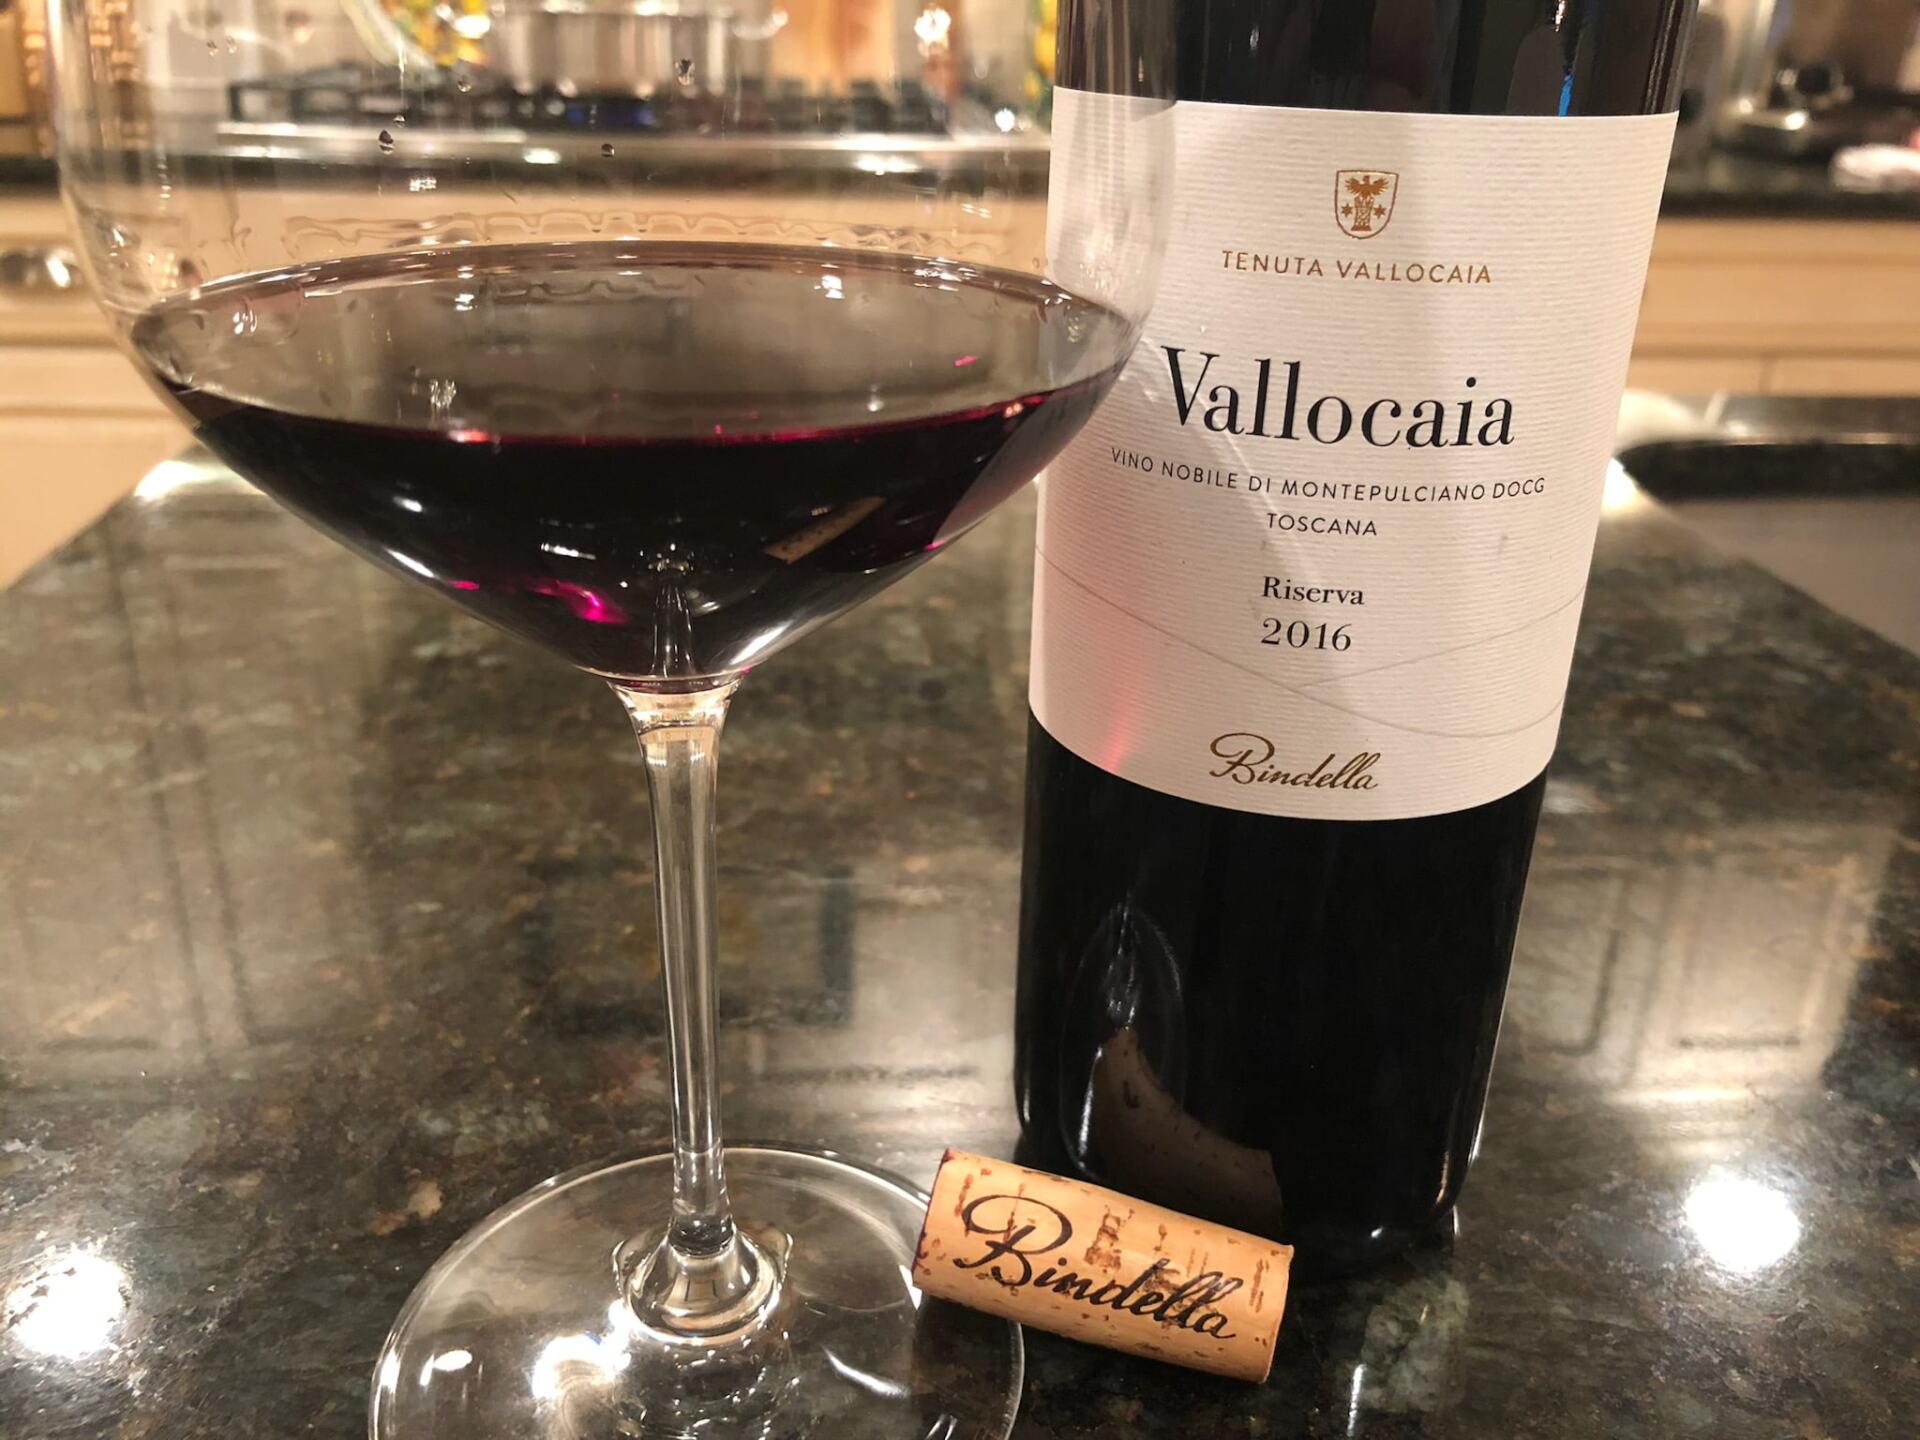 Vallocaia Vino Nobile